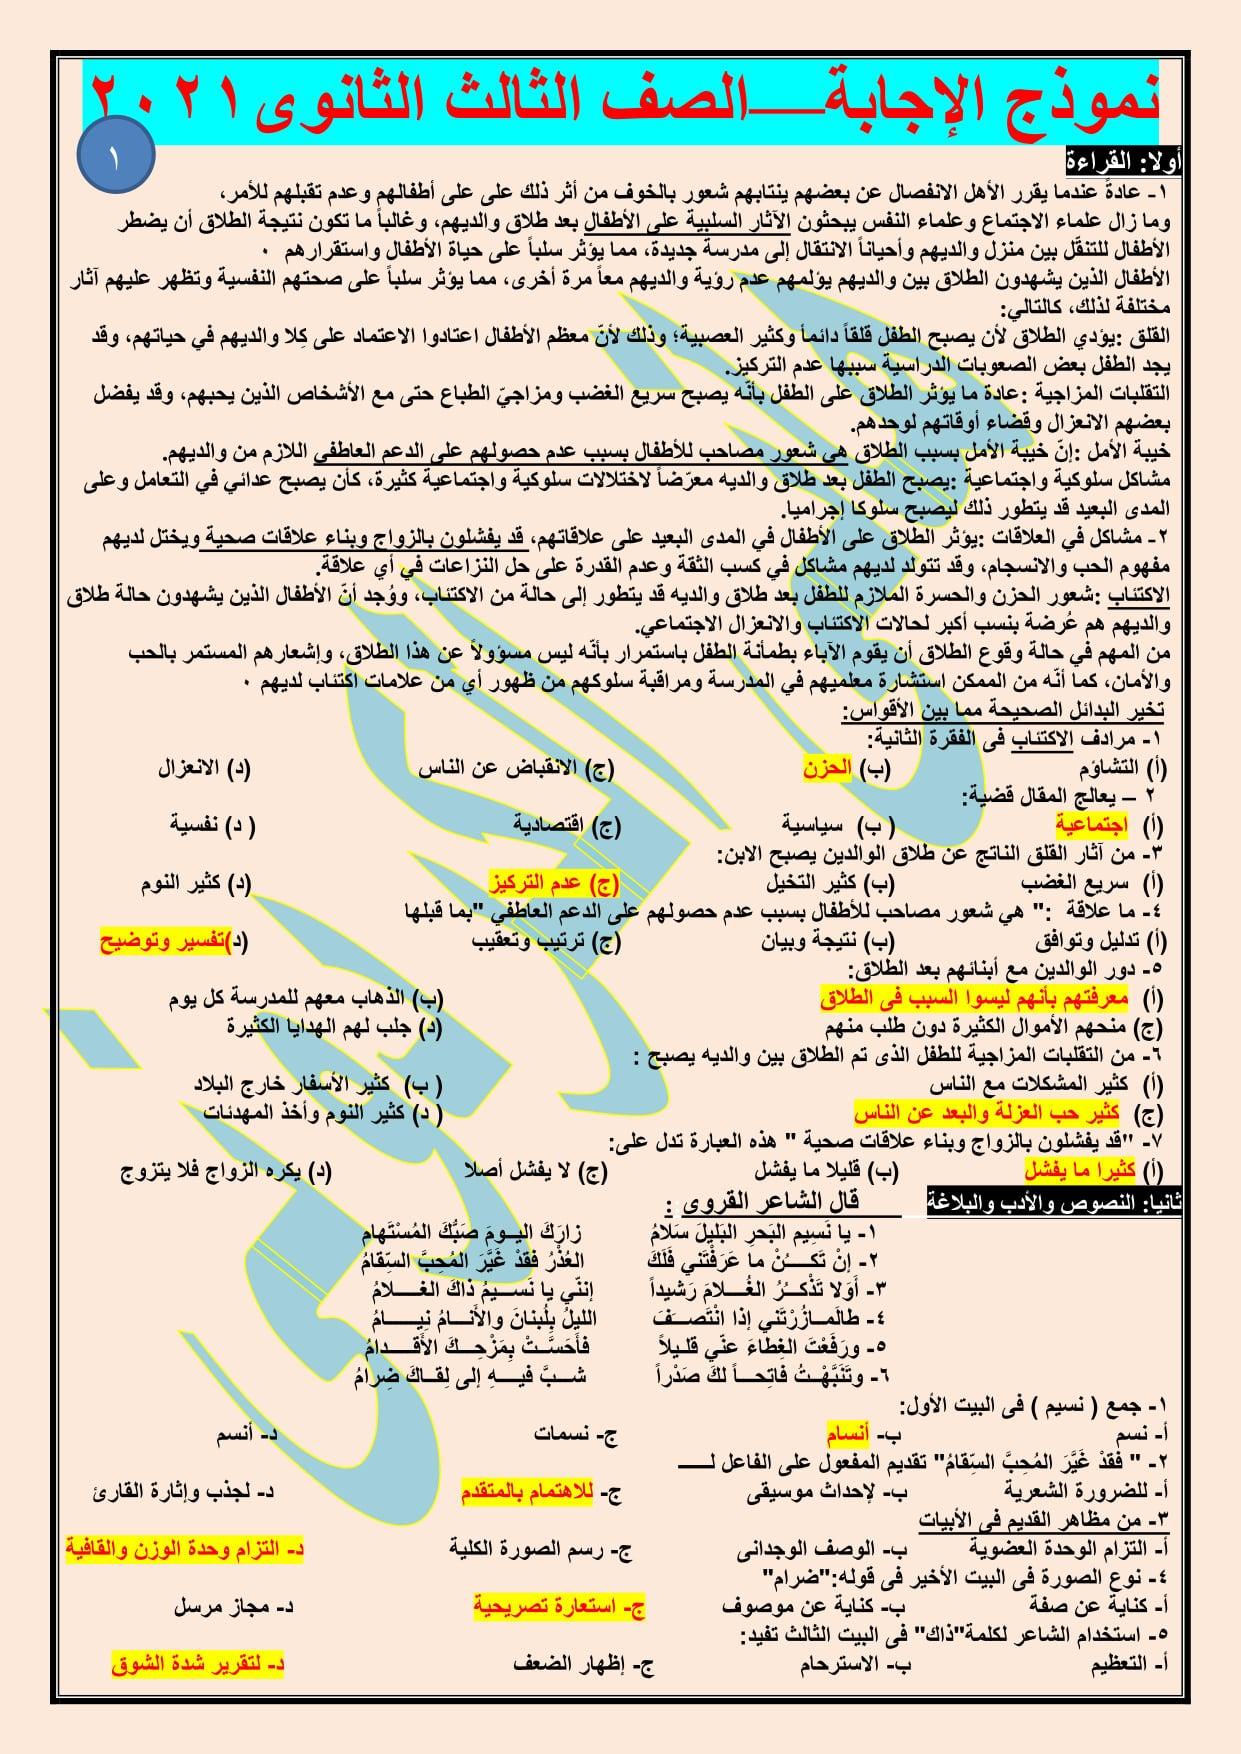 2 نموذج امتحان لغة عربية مجاب للصف الثالث الثانوي 2021 أ/ هاني الكردوني 16